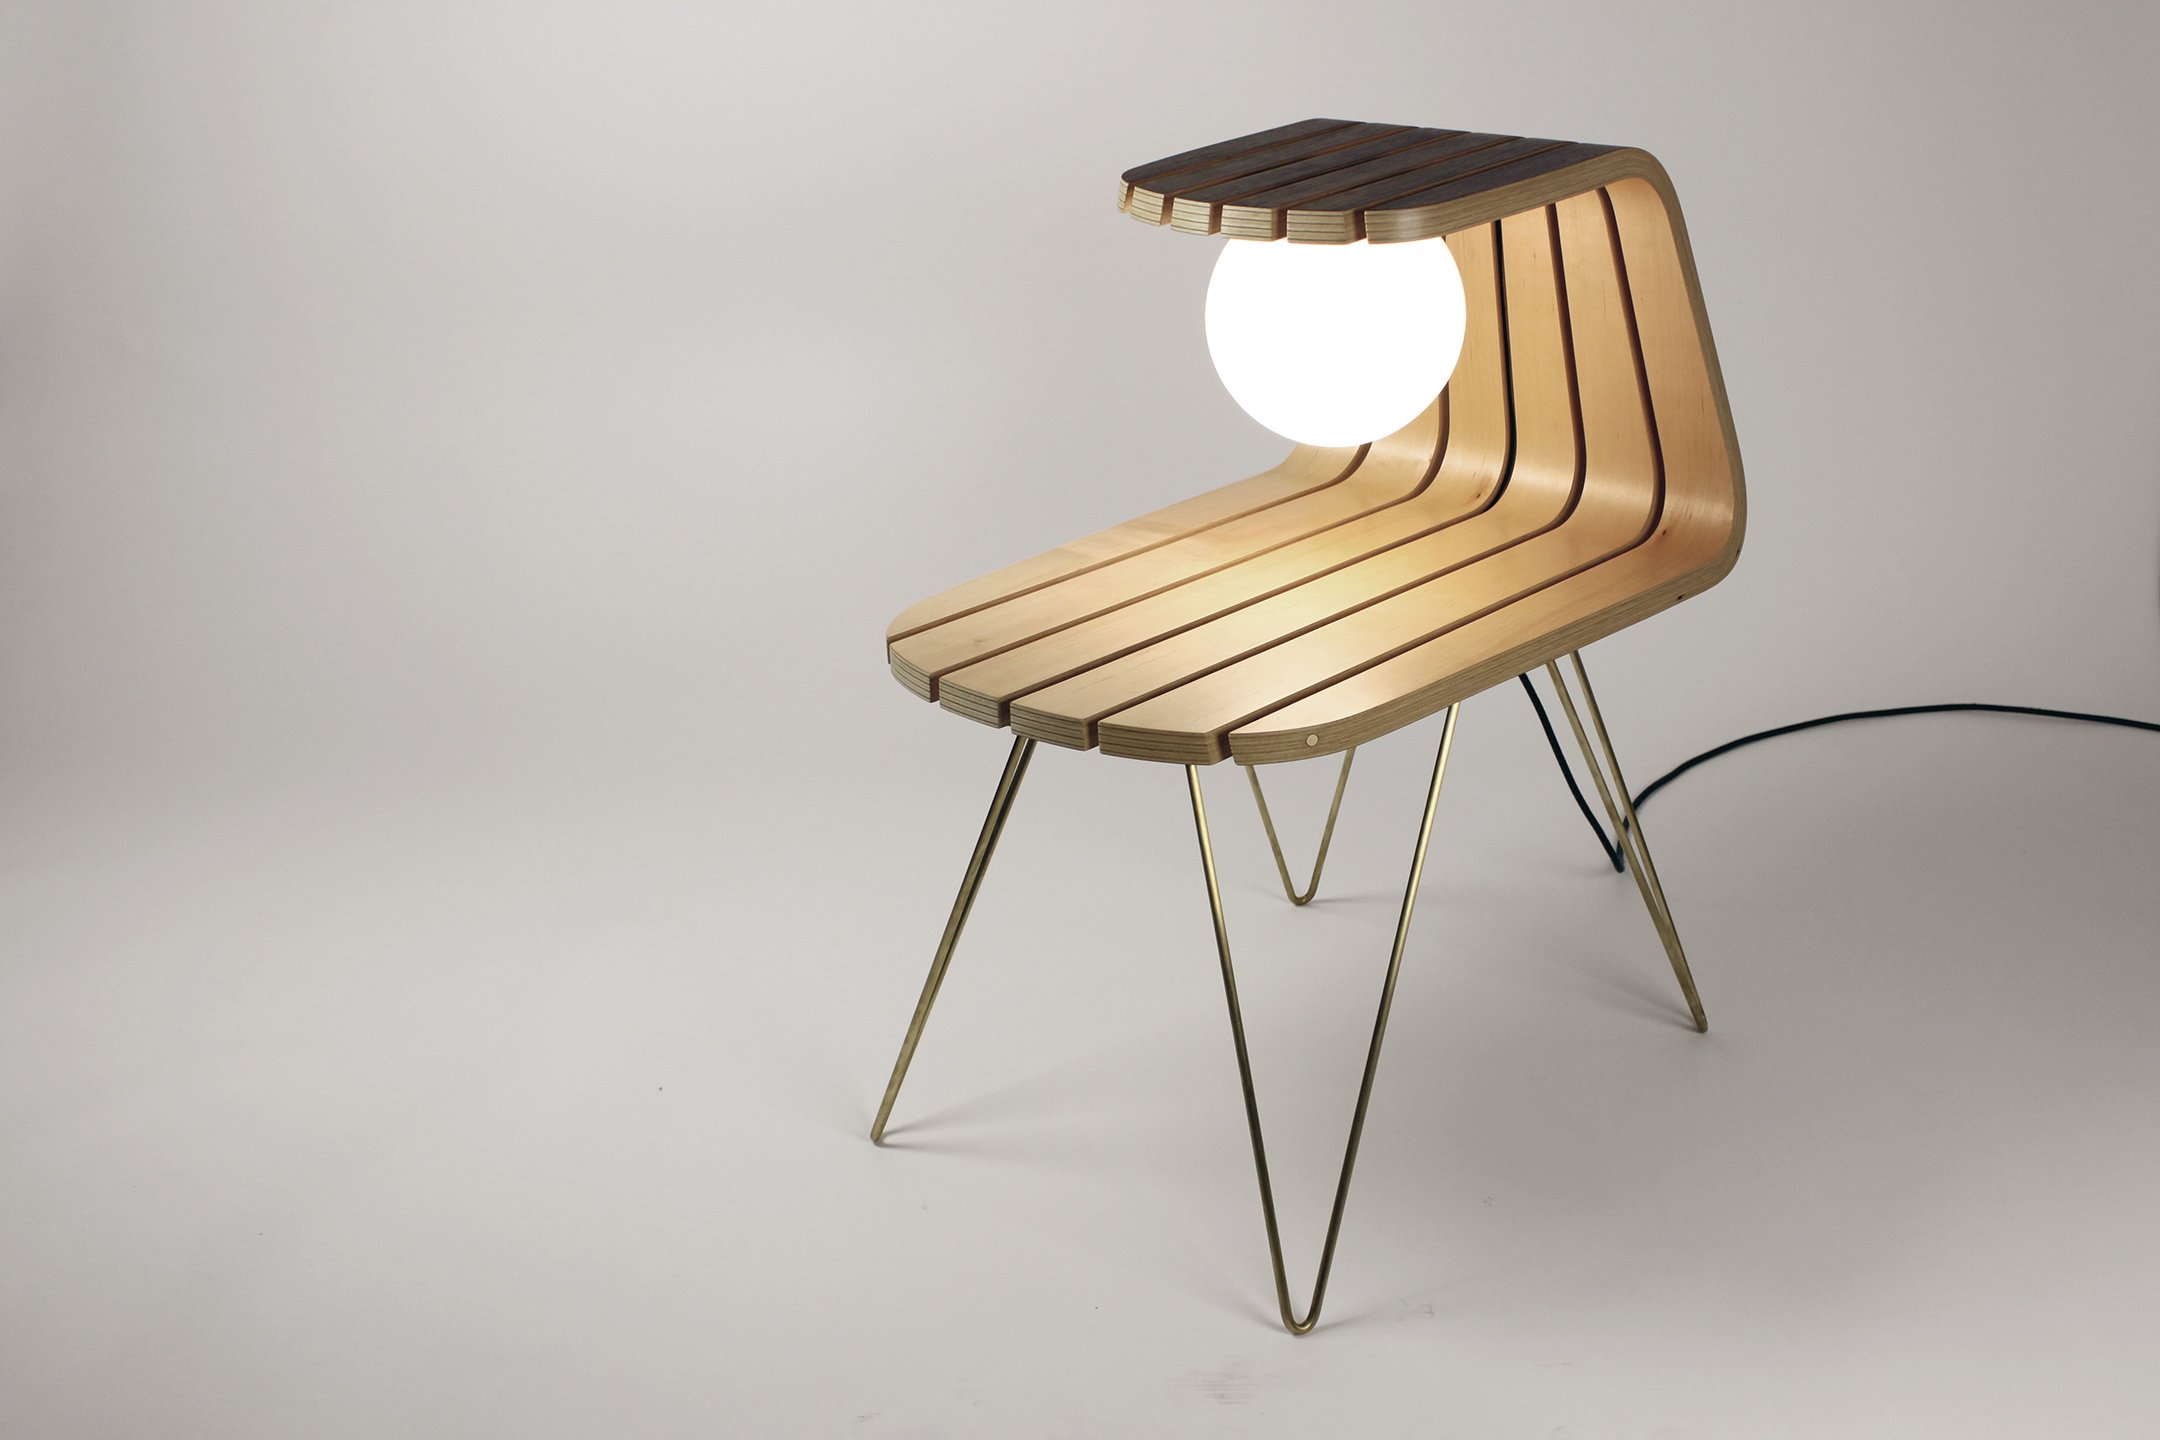 DAWN_table lamp 02_by Dane Saunders.jpg